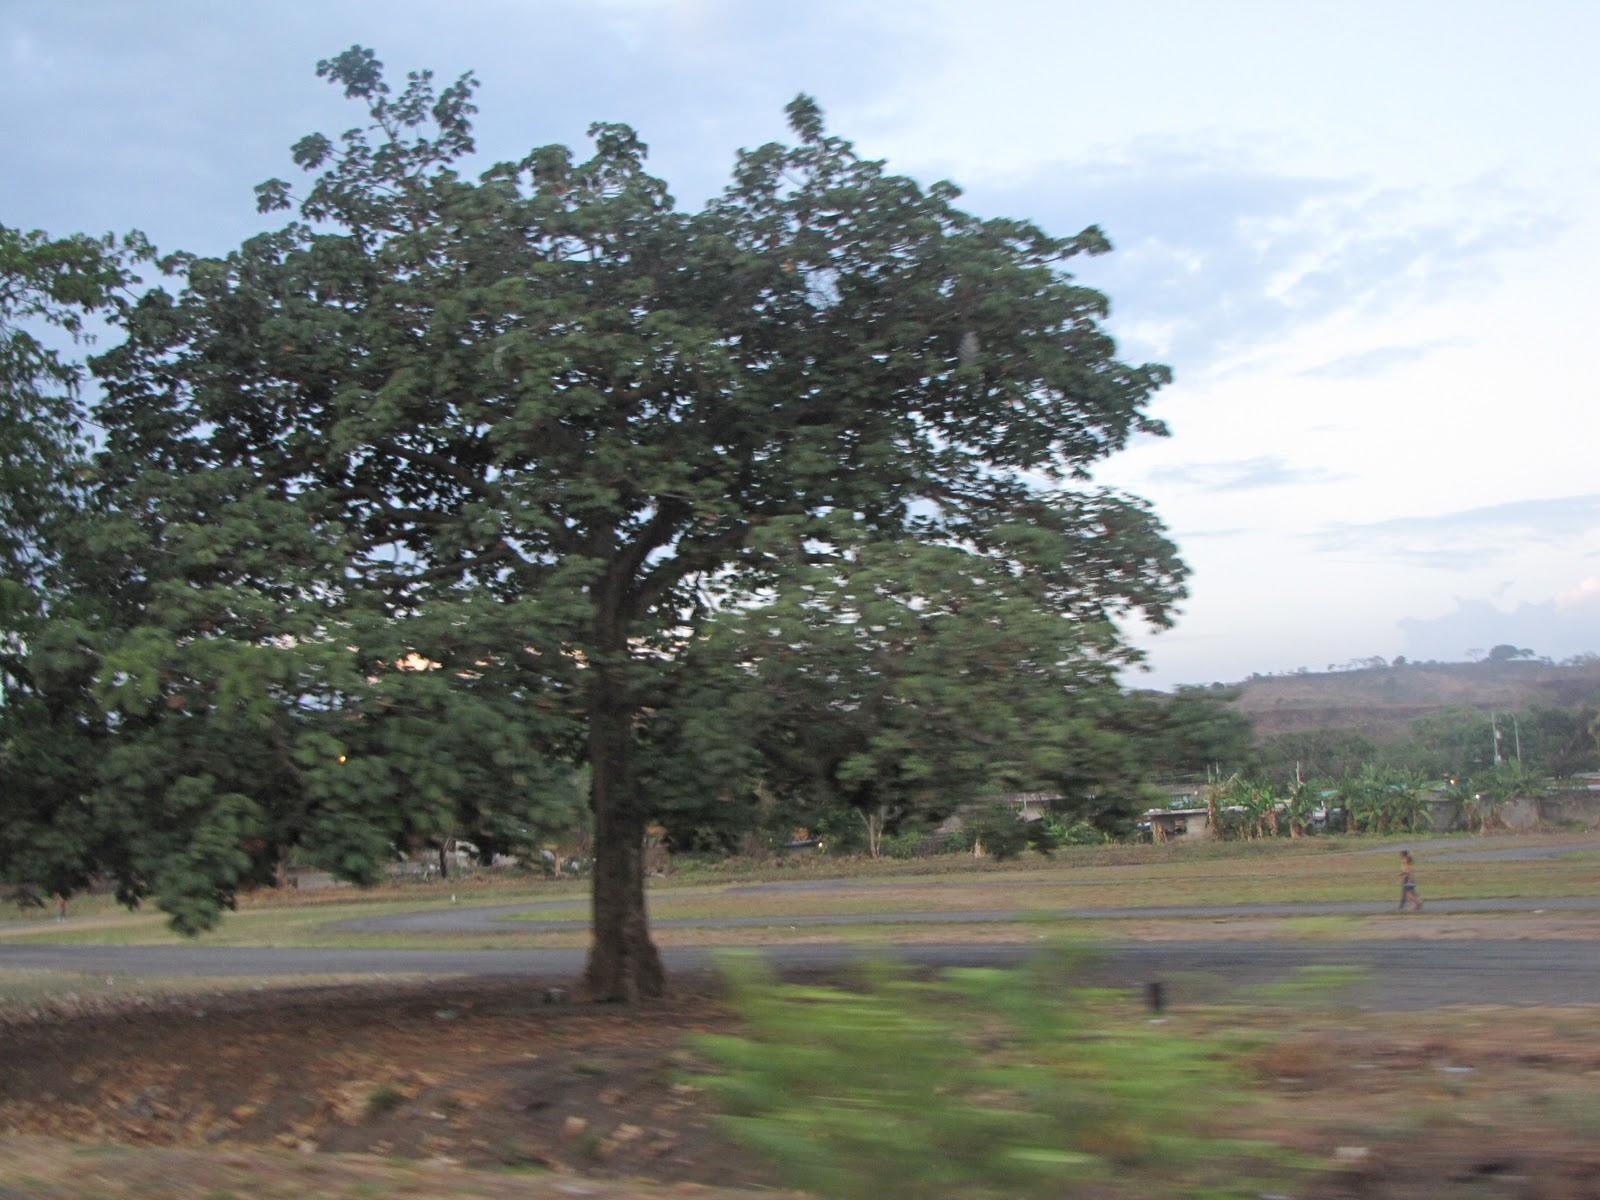 Llano extremo arboles del rea urbana de guanare primera for Tipos de arboles y caracteristicas